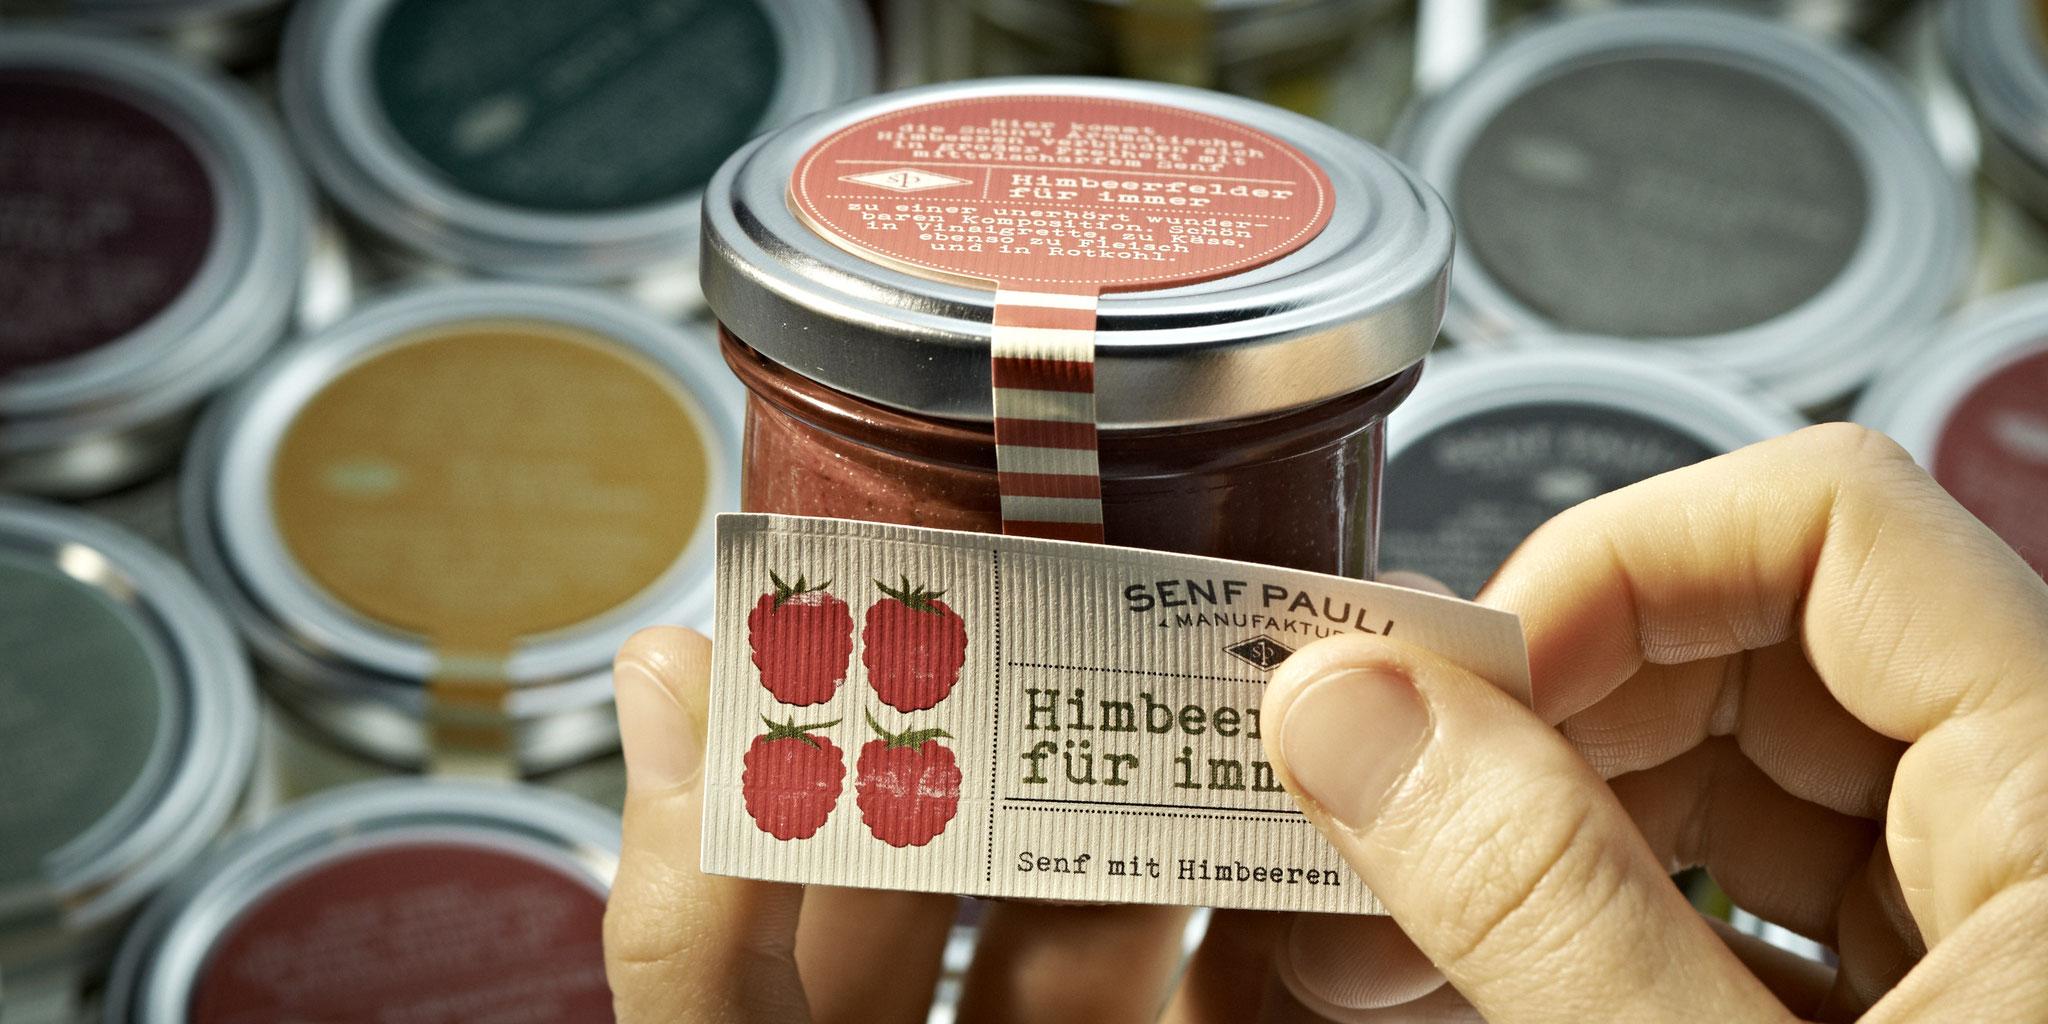 Die hochwertigen Zutaten werden von uns nach eigenen Rezepturen verarbeitet. So schaffen wir es, dass jedes Produkt einzigartig schmeckt.